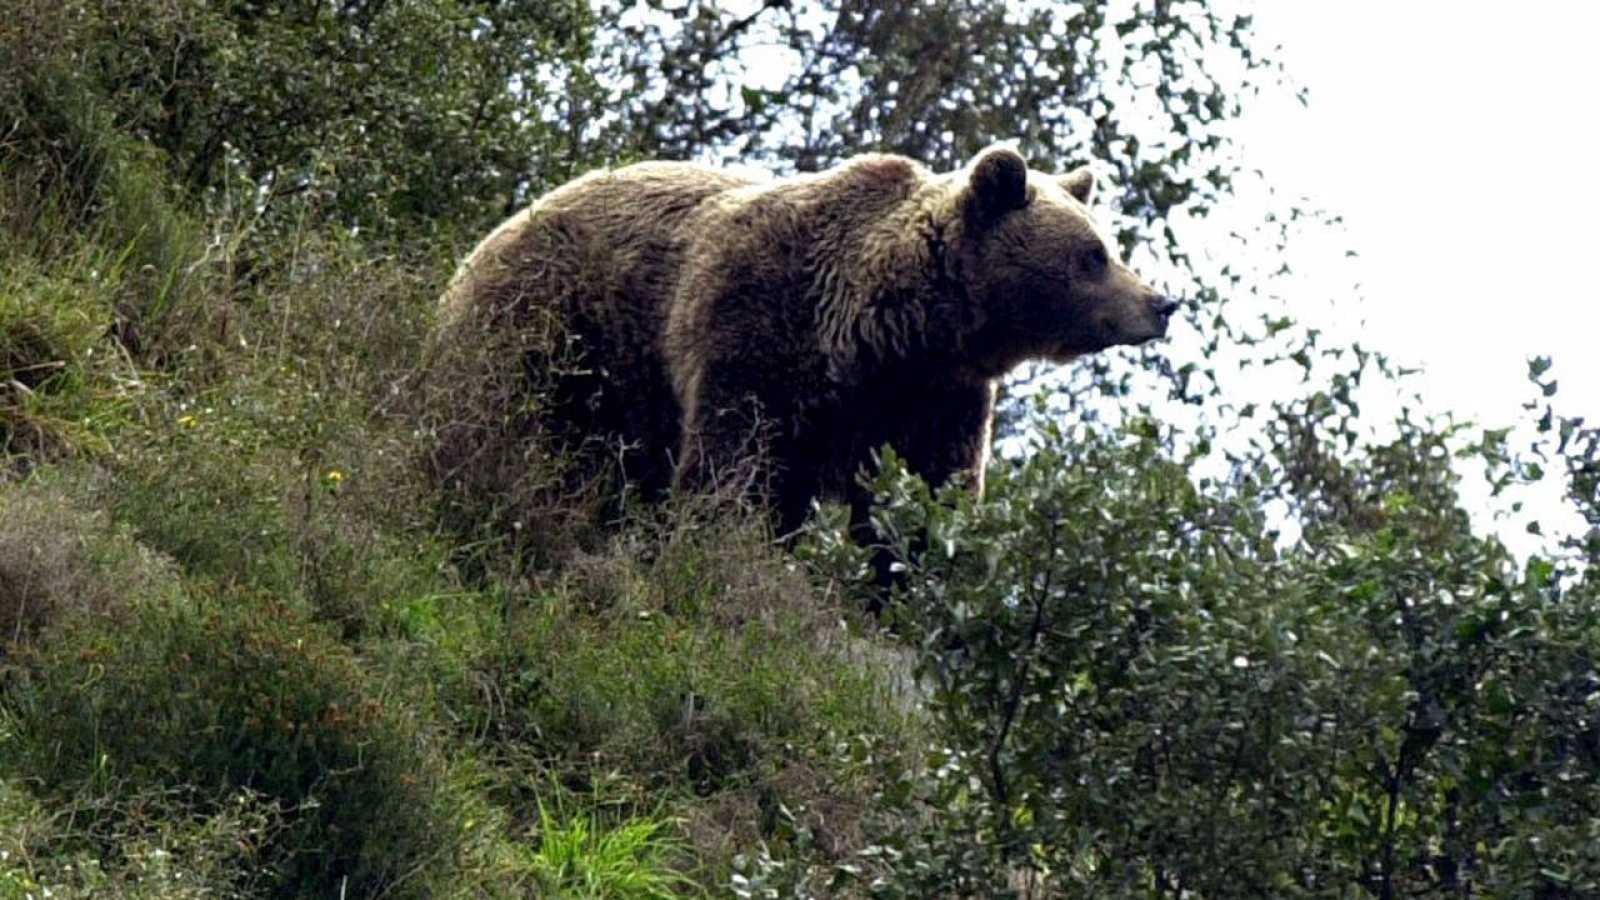 Muere un oso pardo en Asturias a causa de un disparo - RTVE.es